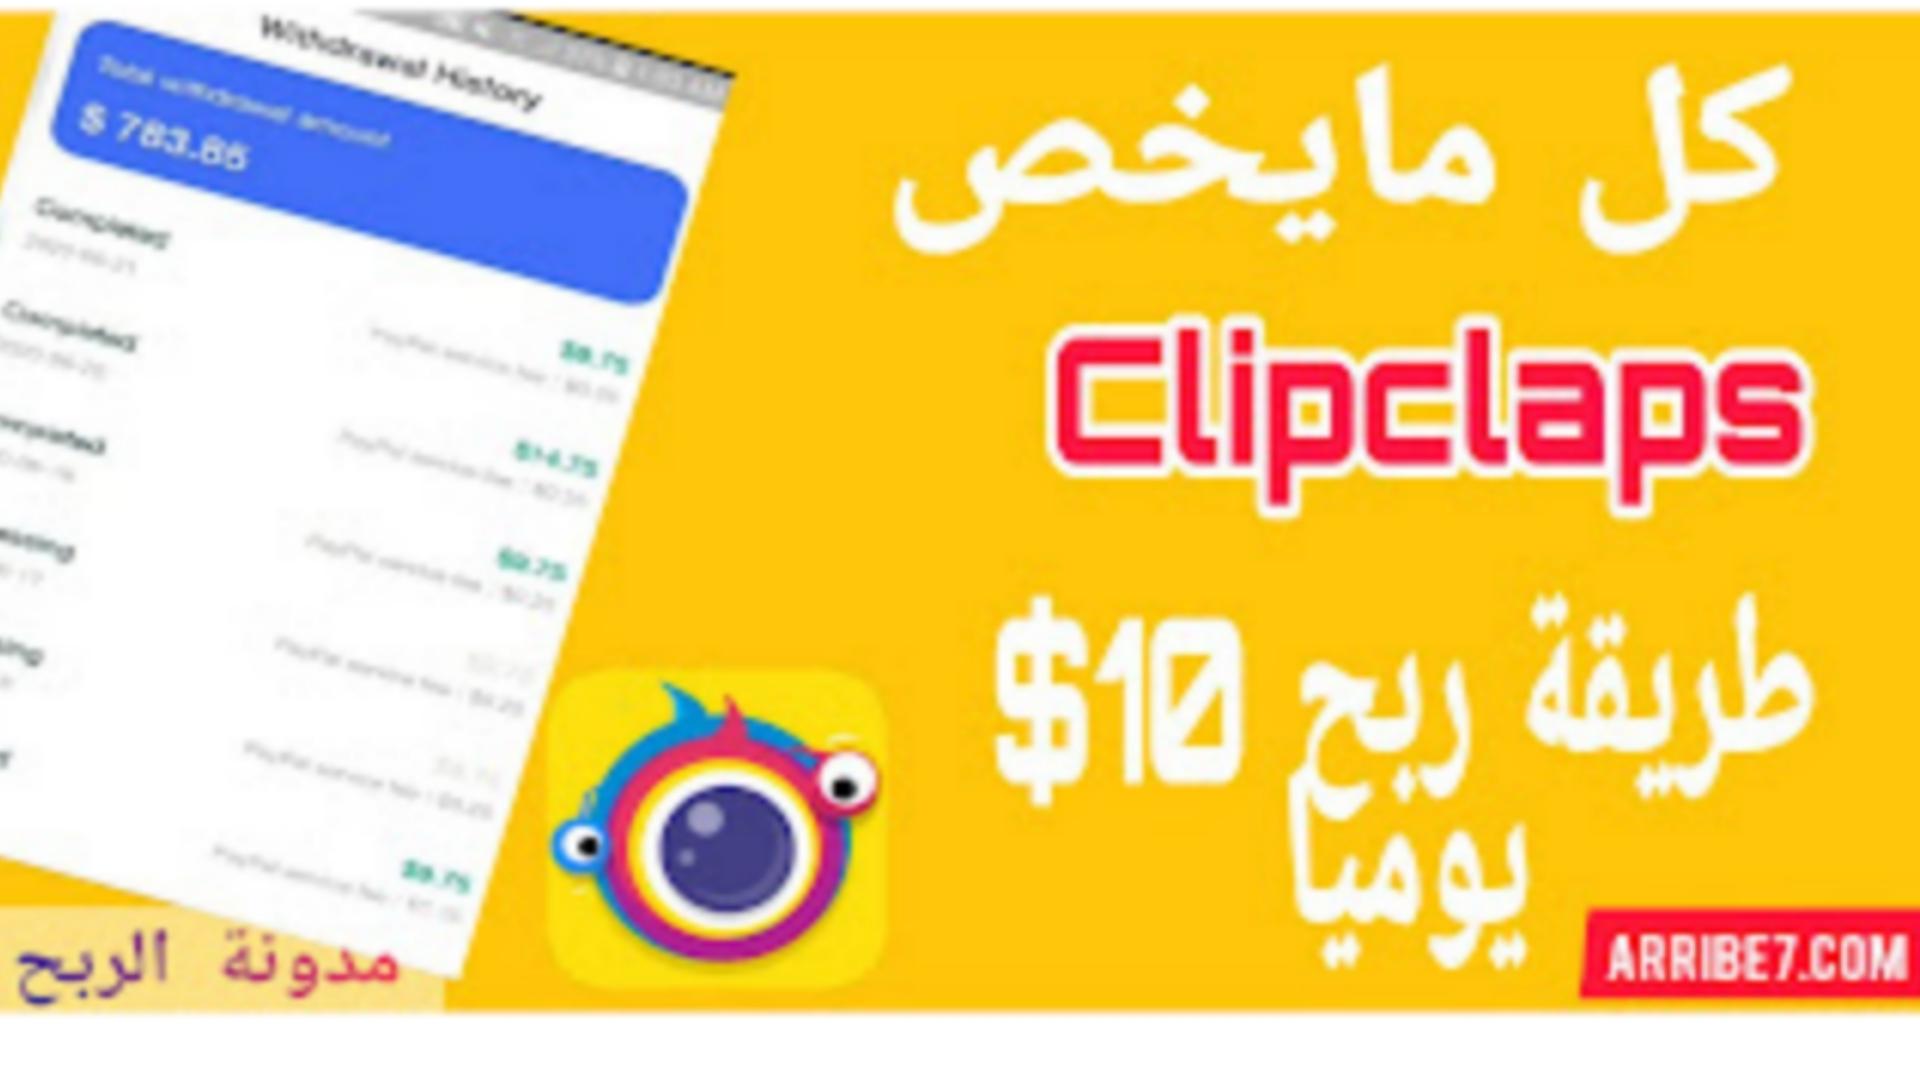 شرح تطبيق clipclaps التحديث الجديد ، افضل تطبيق لربح 15$ يوميا بدون مجهود